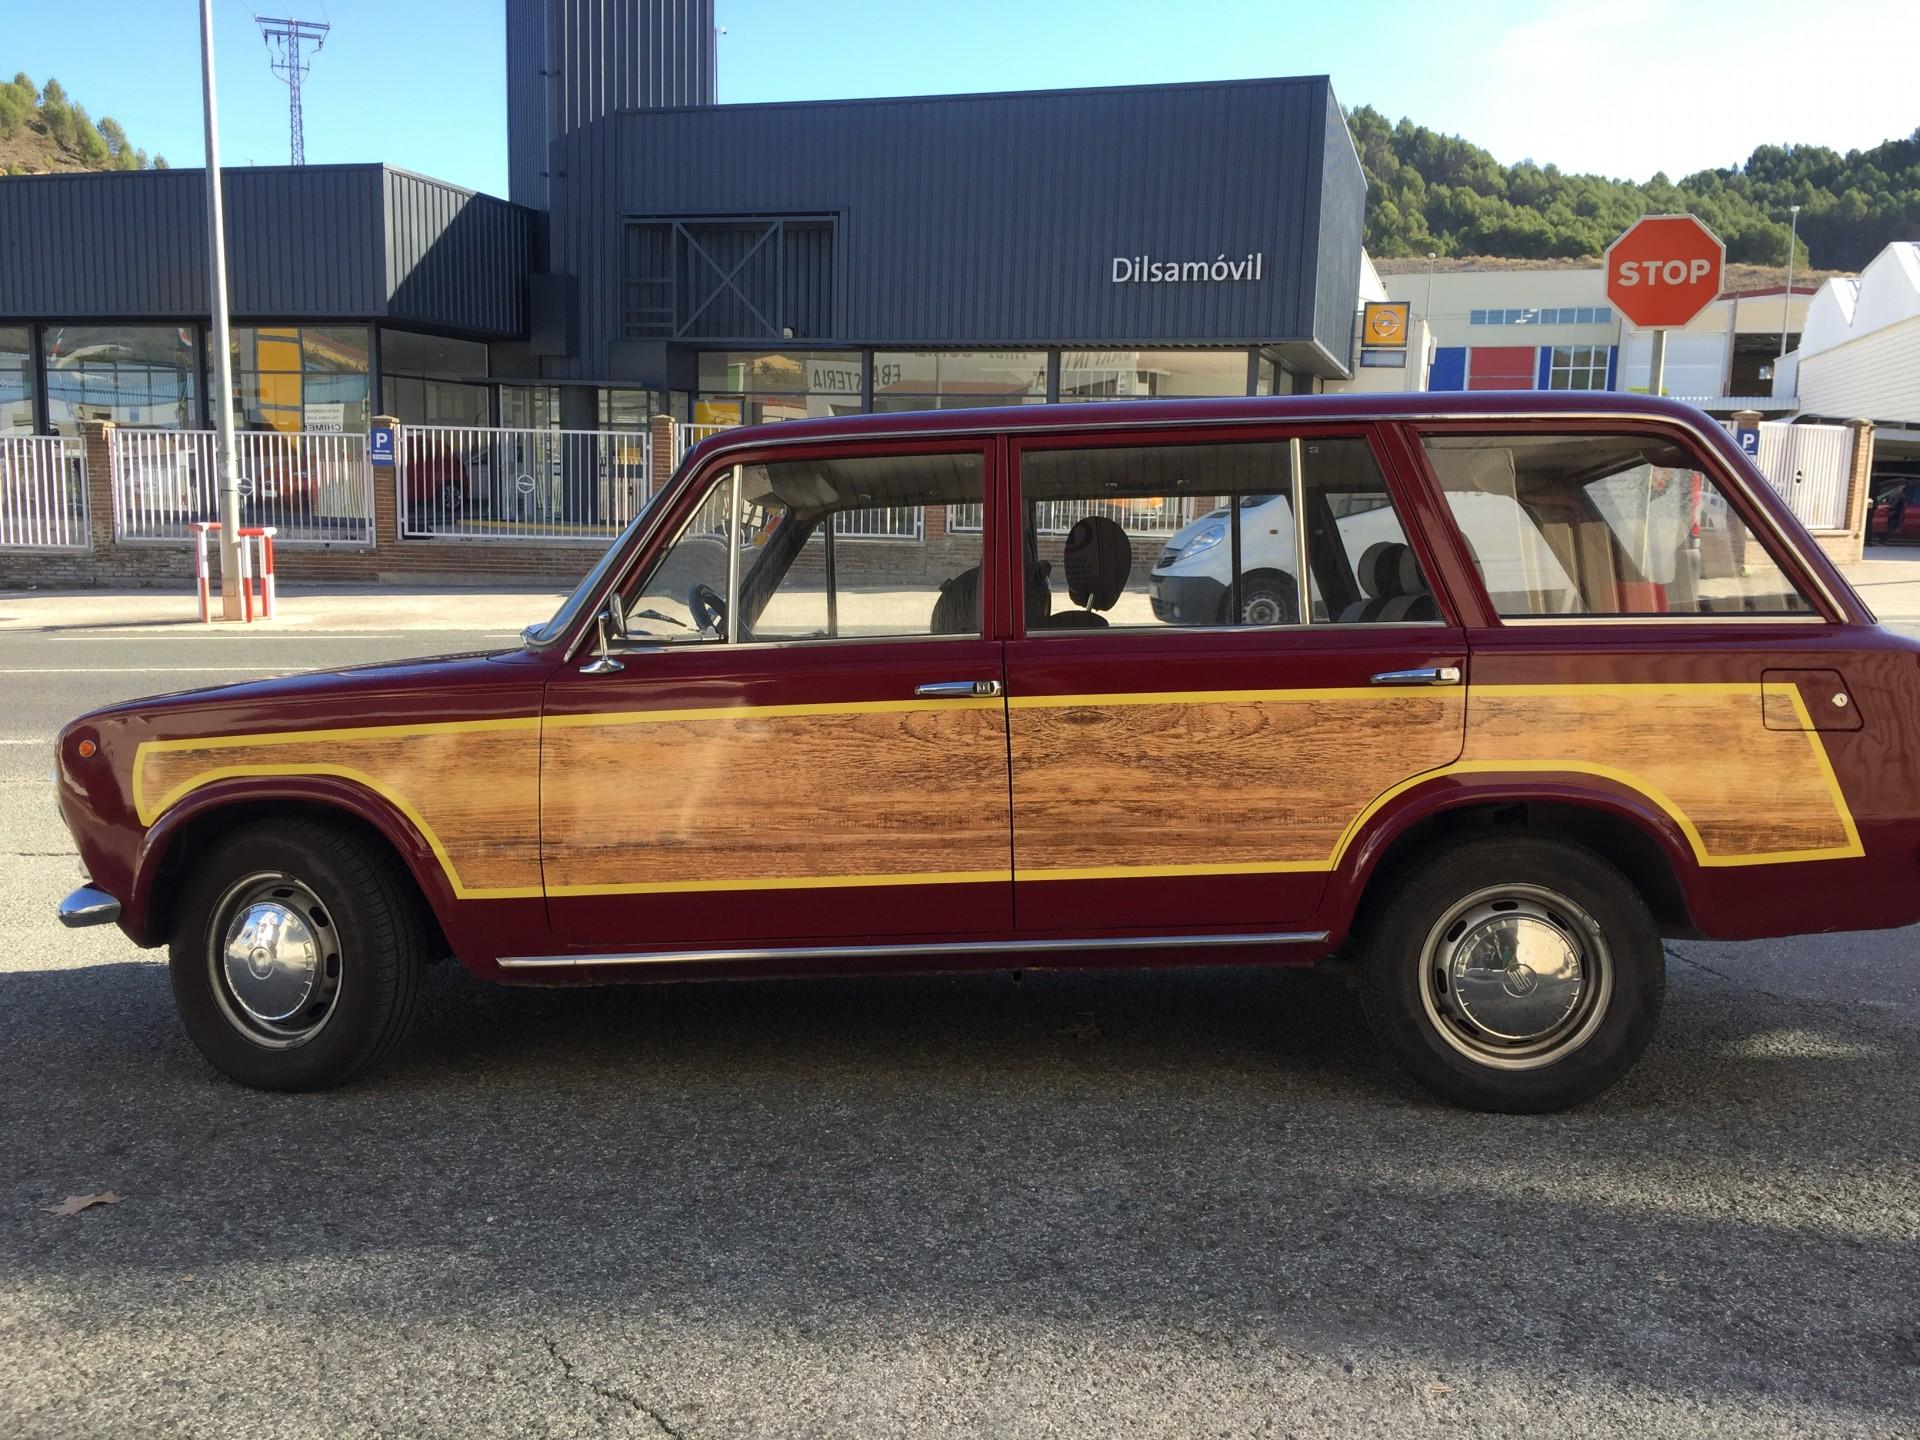 vintage_coche_vinilo_madera_rotulacion_vehículos_detalle_ESTELLA_NAVARRA_IMPRESIÓN_DISEÑO_VINILOS_ROTULACIÓN